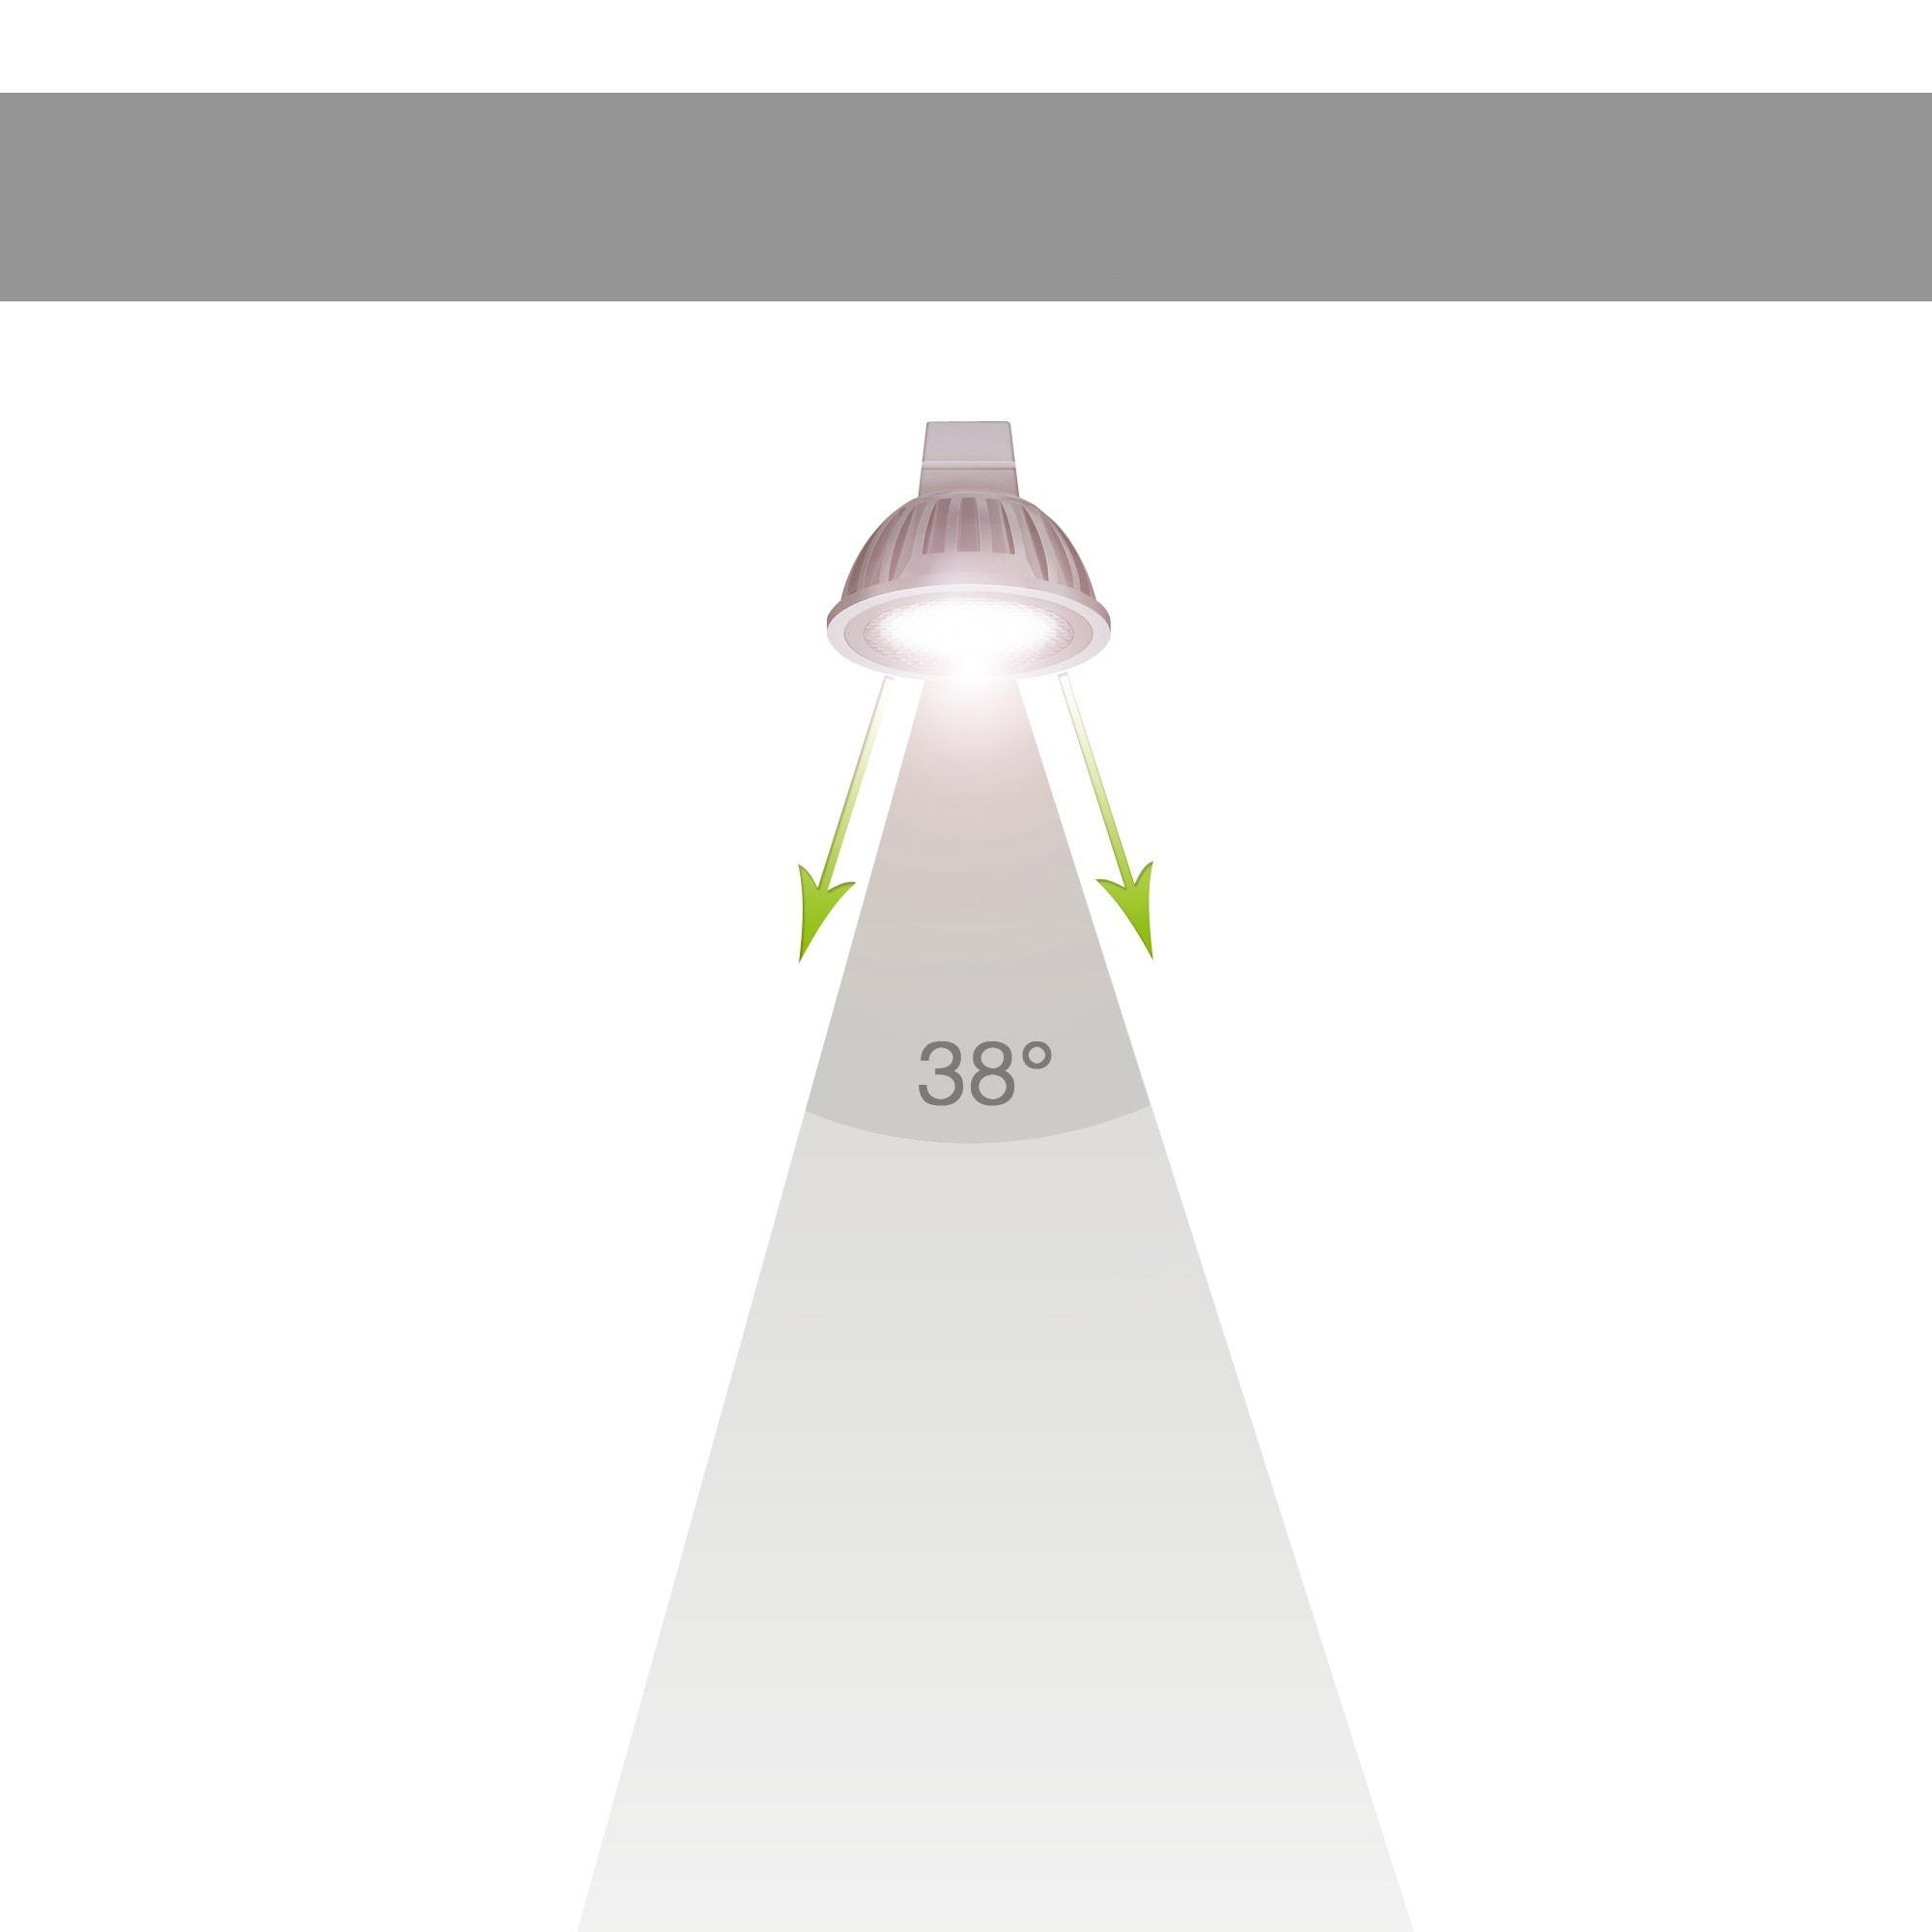 Uhol svietenia 38°